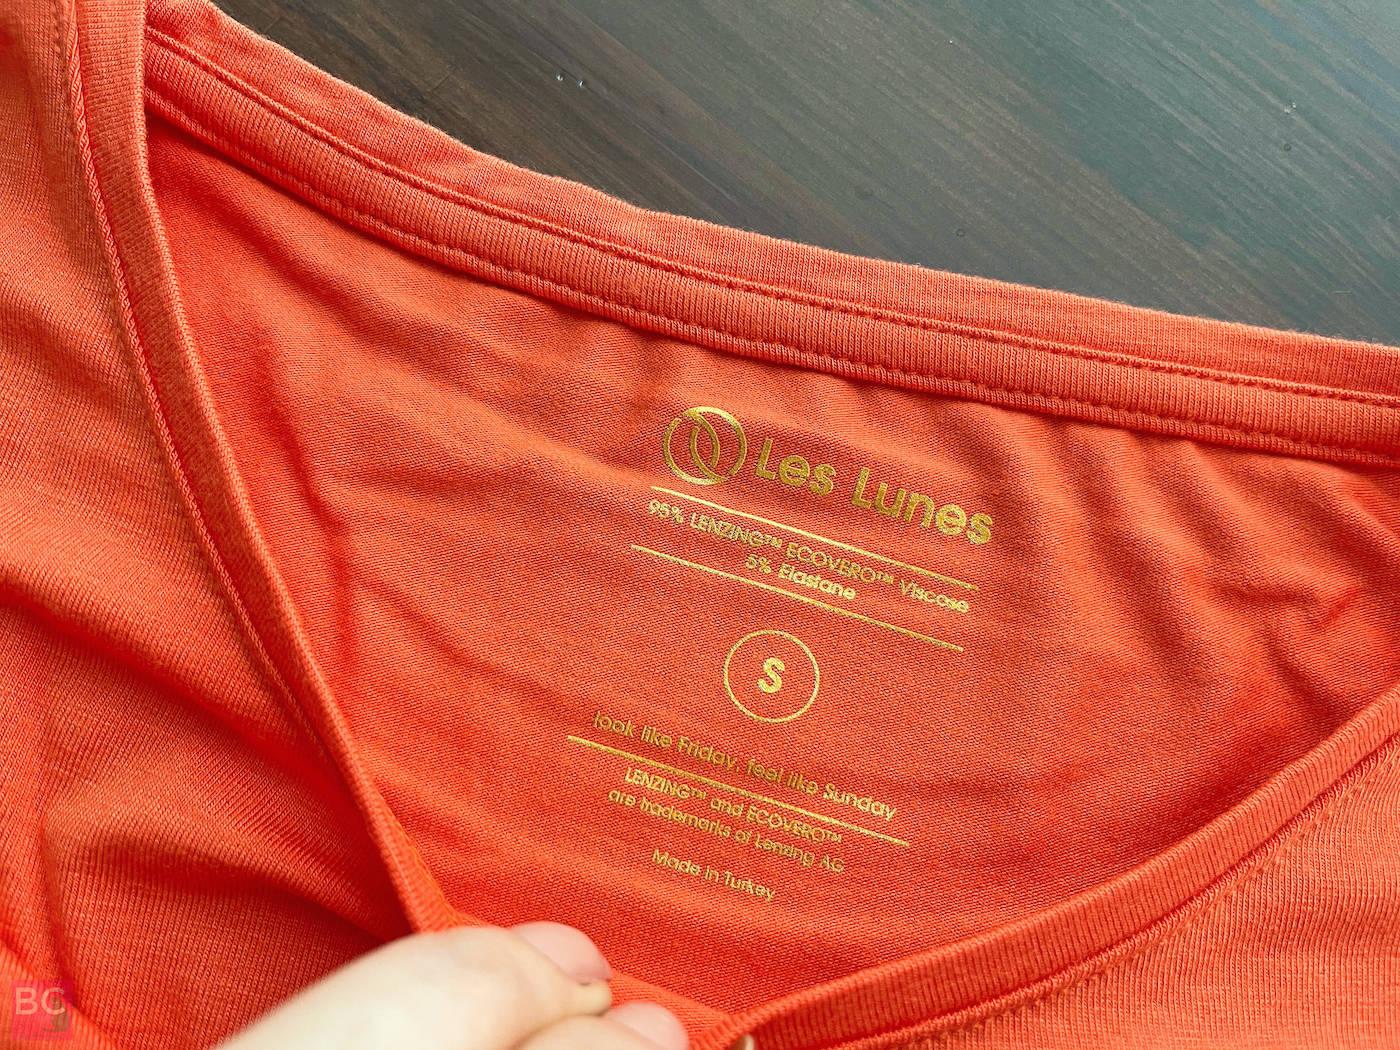 The Mia Shirt Les Lunes Erfahrungen vorne Ausschnitt Details Druck